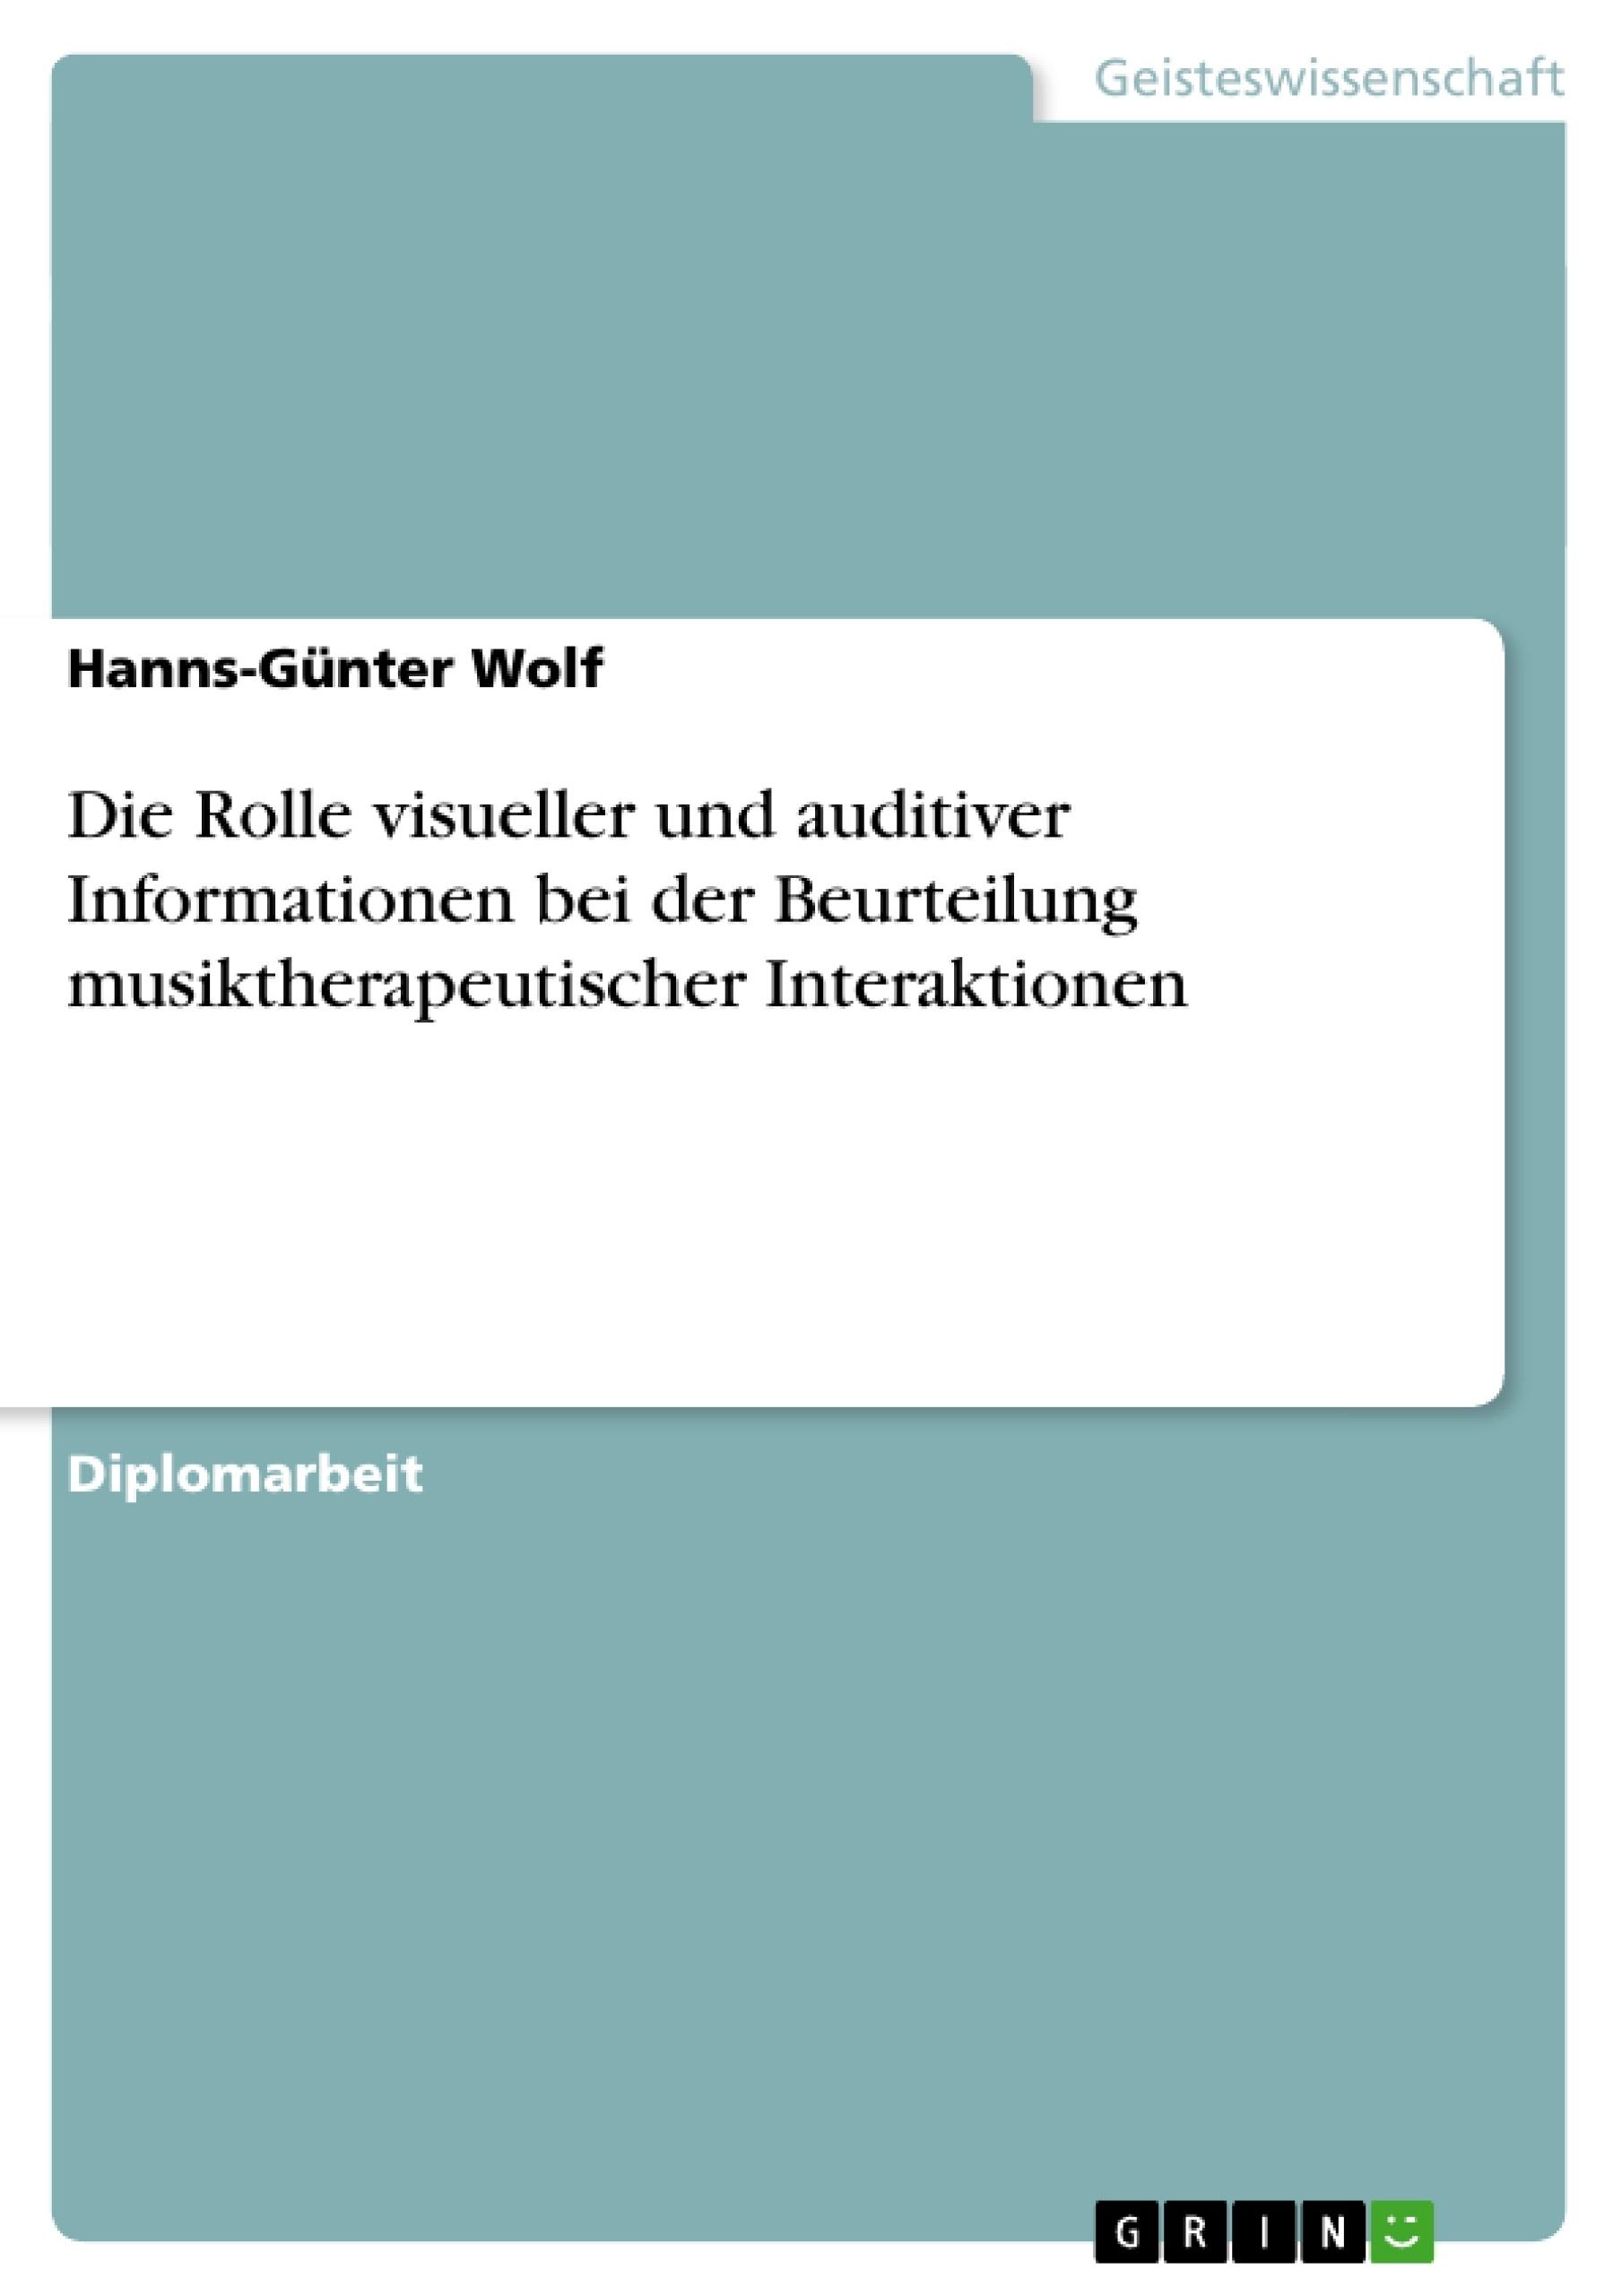 Titel: Die Rolle visueller und auditiver Informationen bei der Beurteilung musiktherapeutischer Interaktionen